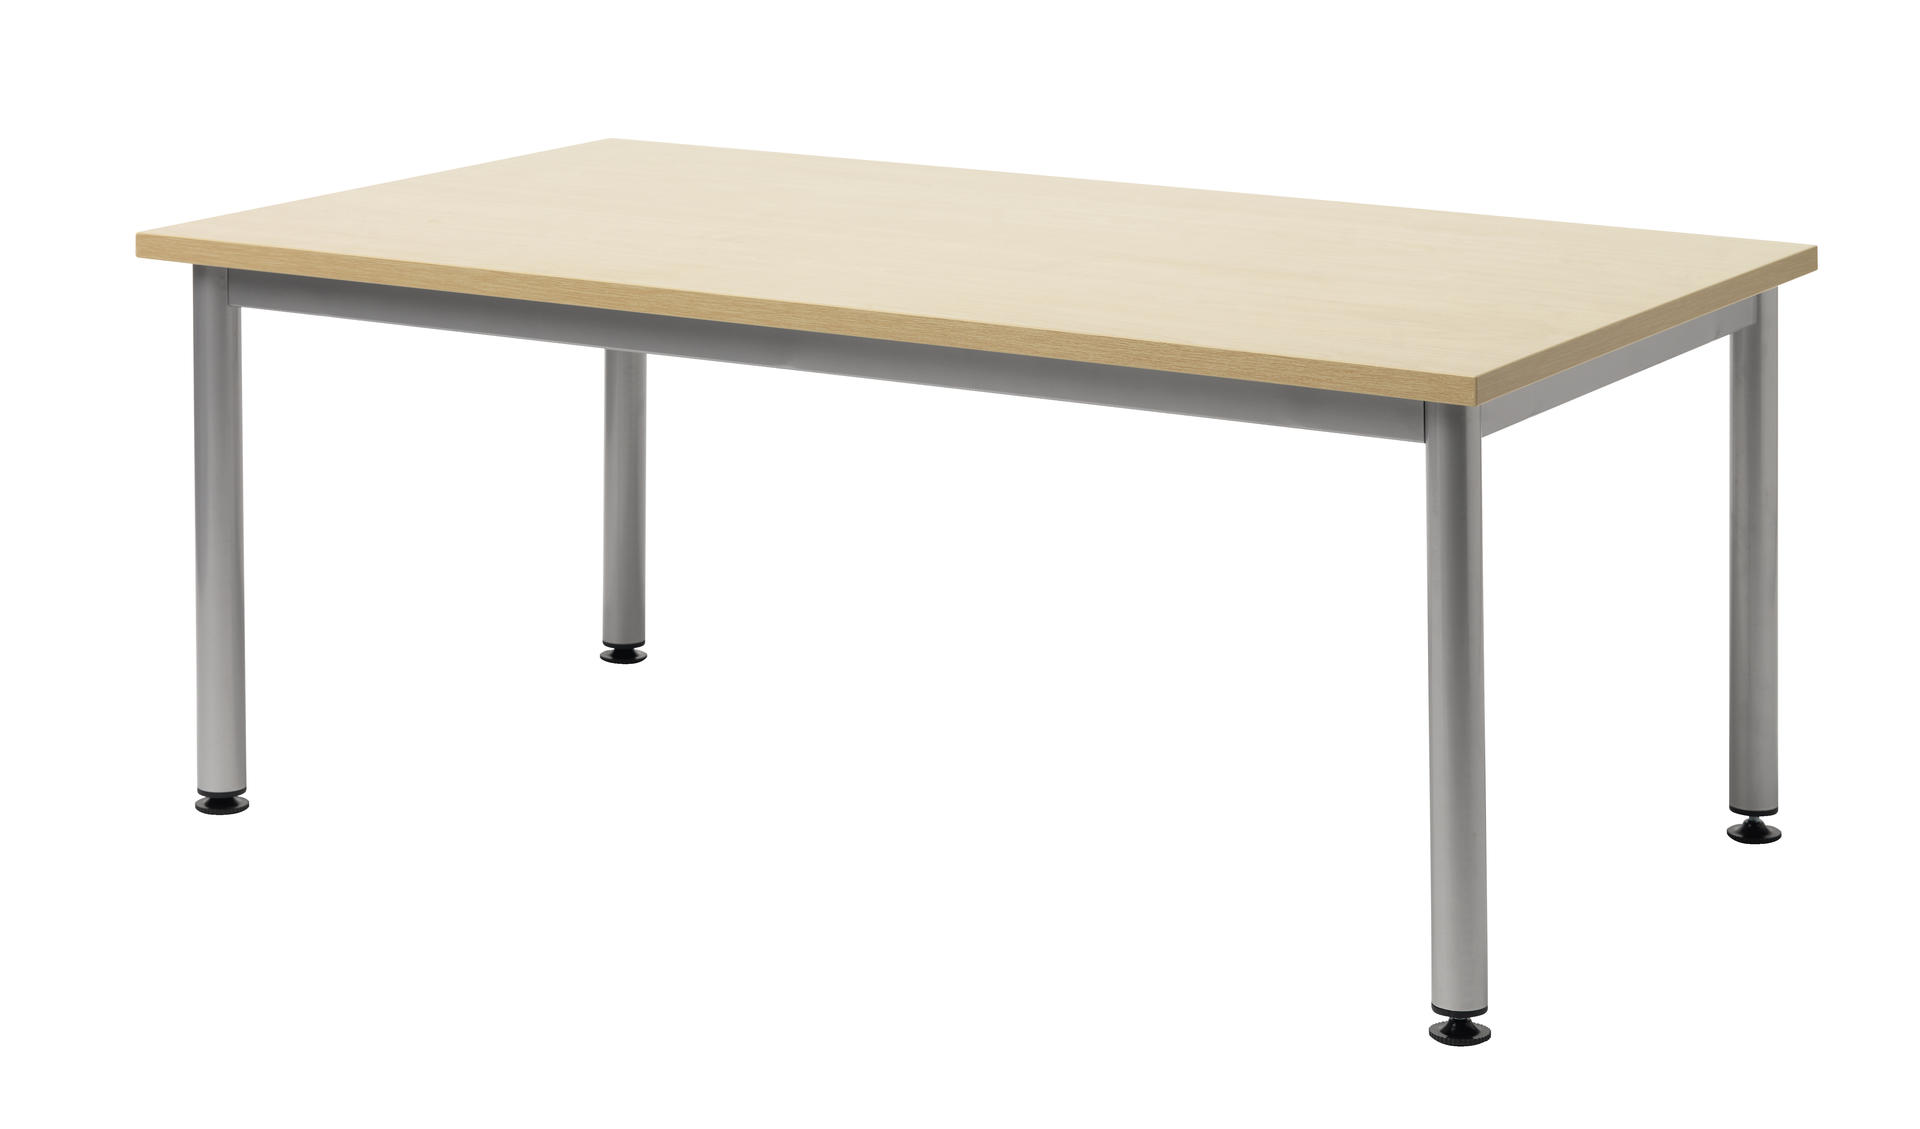 Soffbord Hh 120x70x50 Cm Lekolar Sverige